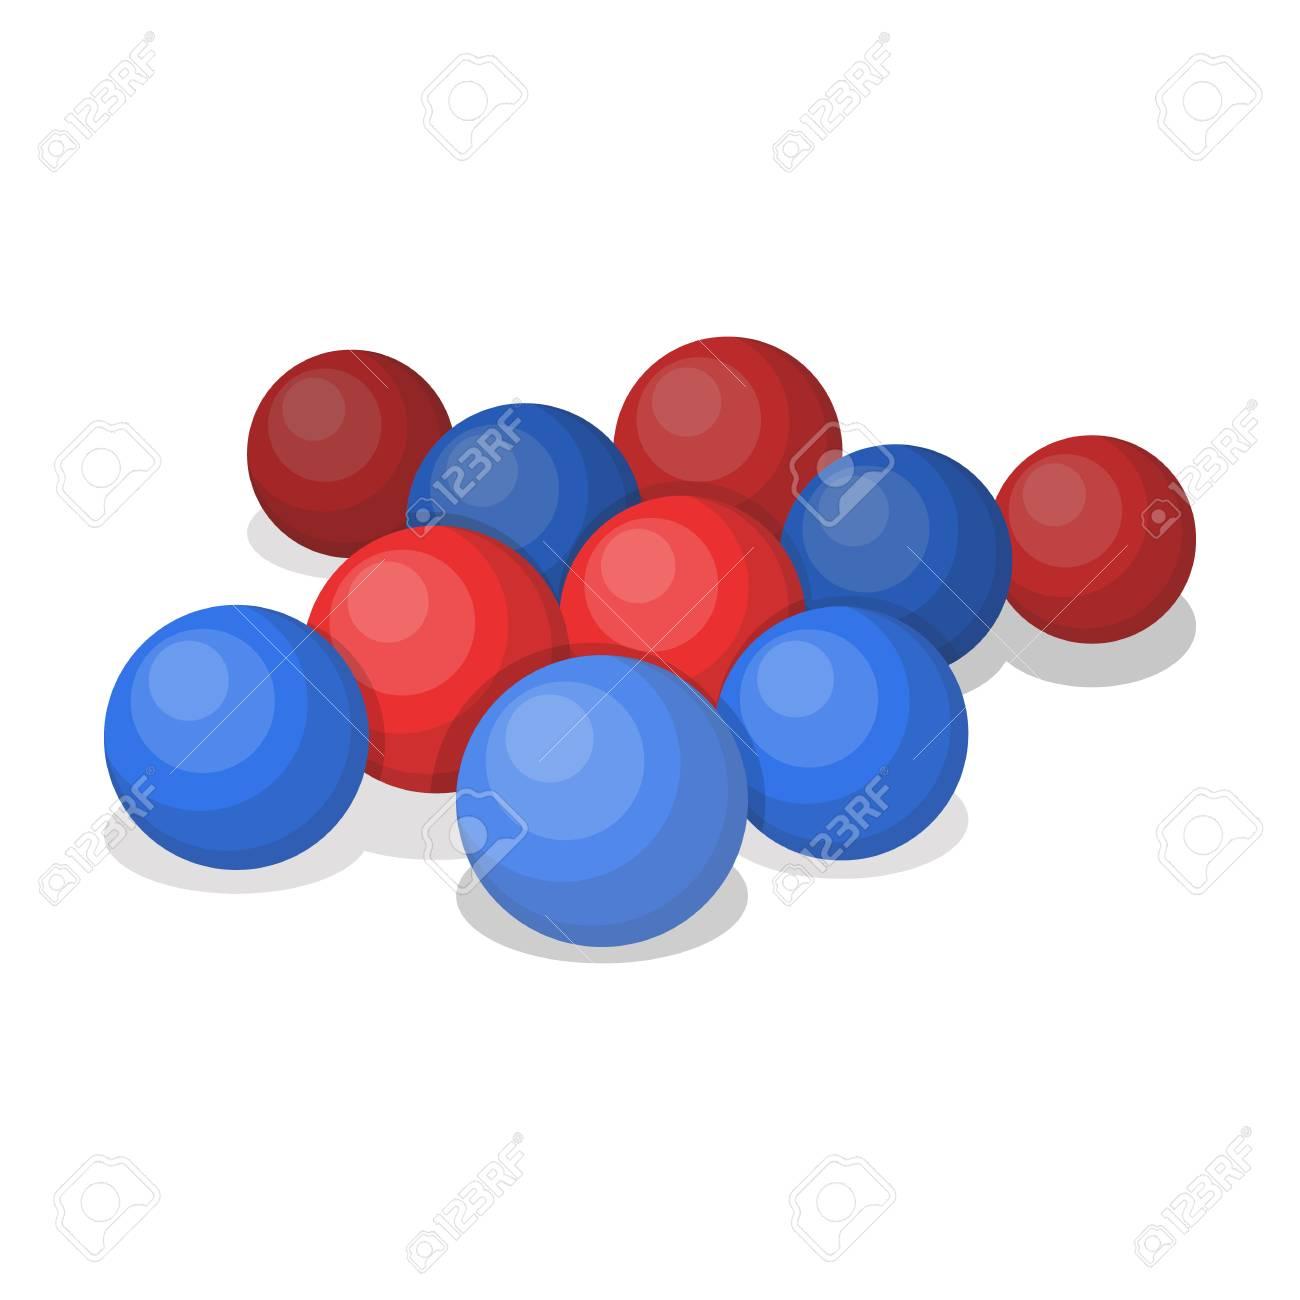 Bolas Para Paintballpaintball Icono único En Estilo De Dibujos